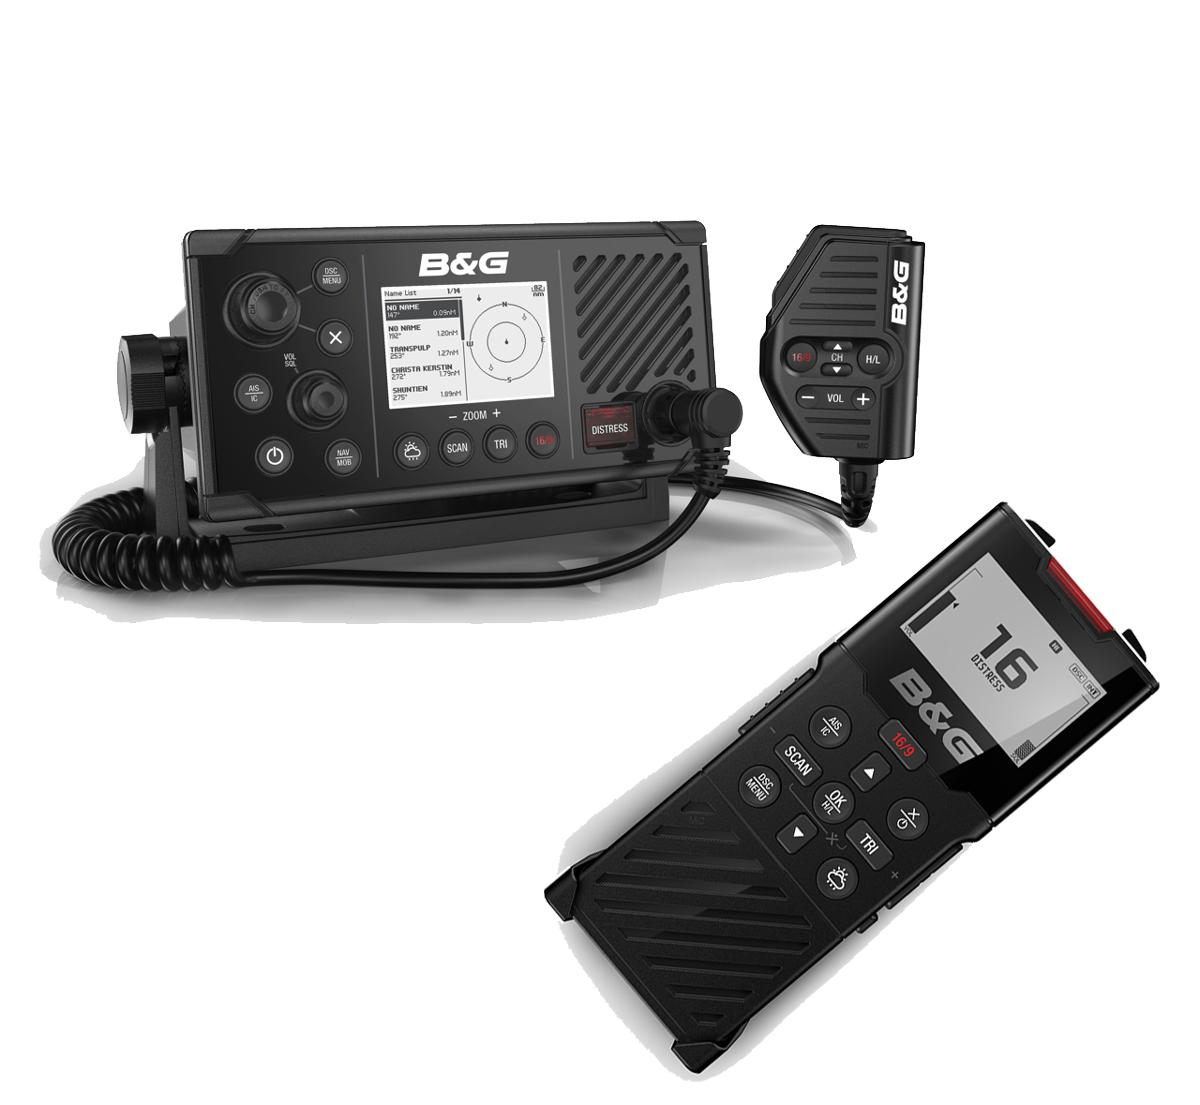 B&G V60 UKW Sprechfunkgerät Bundle mit H60